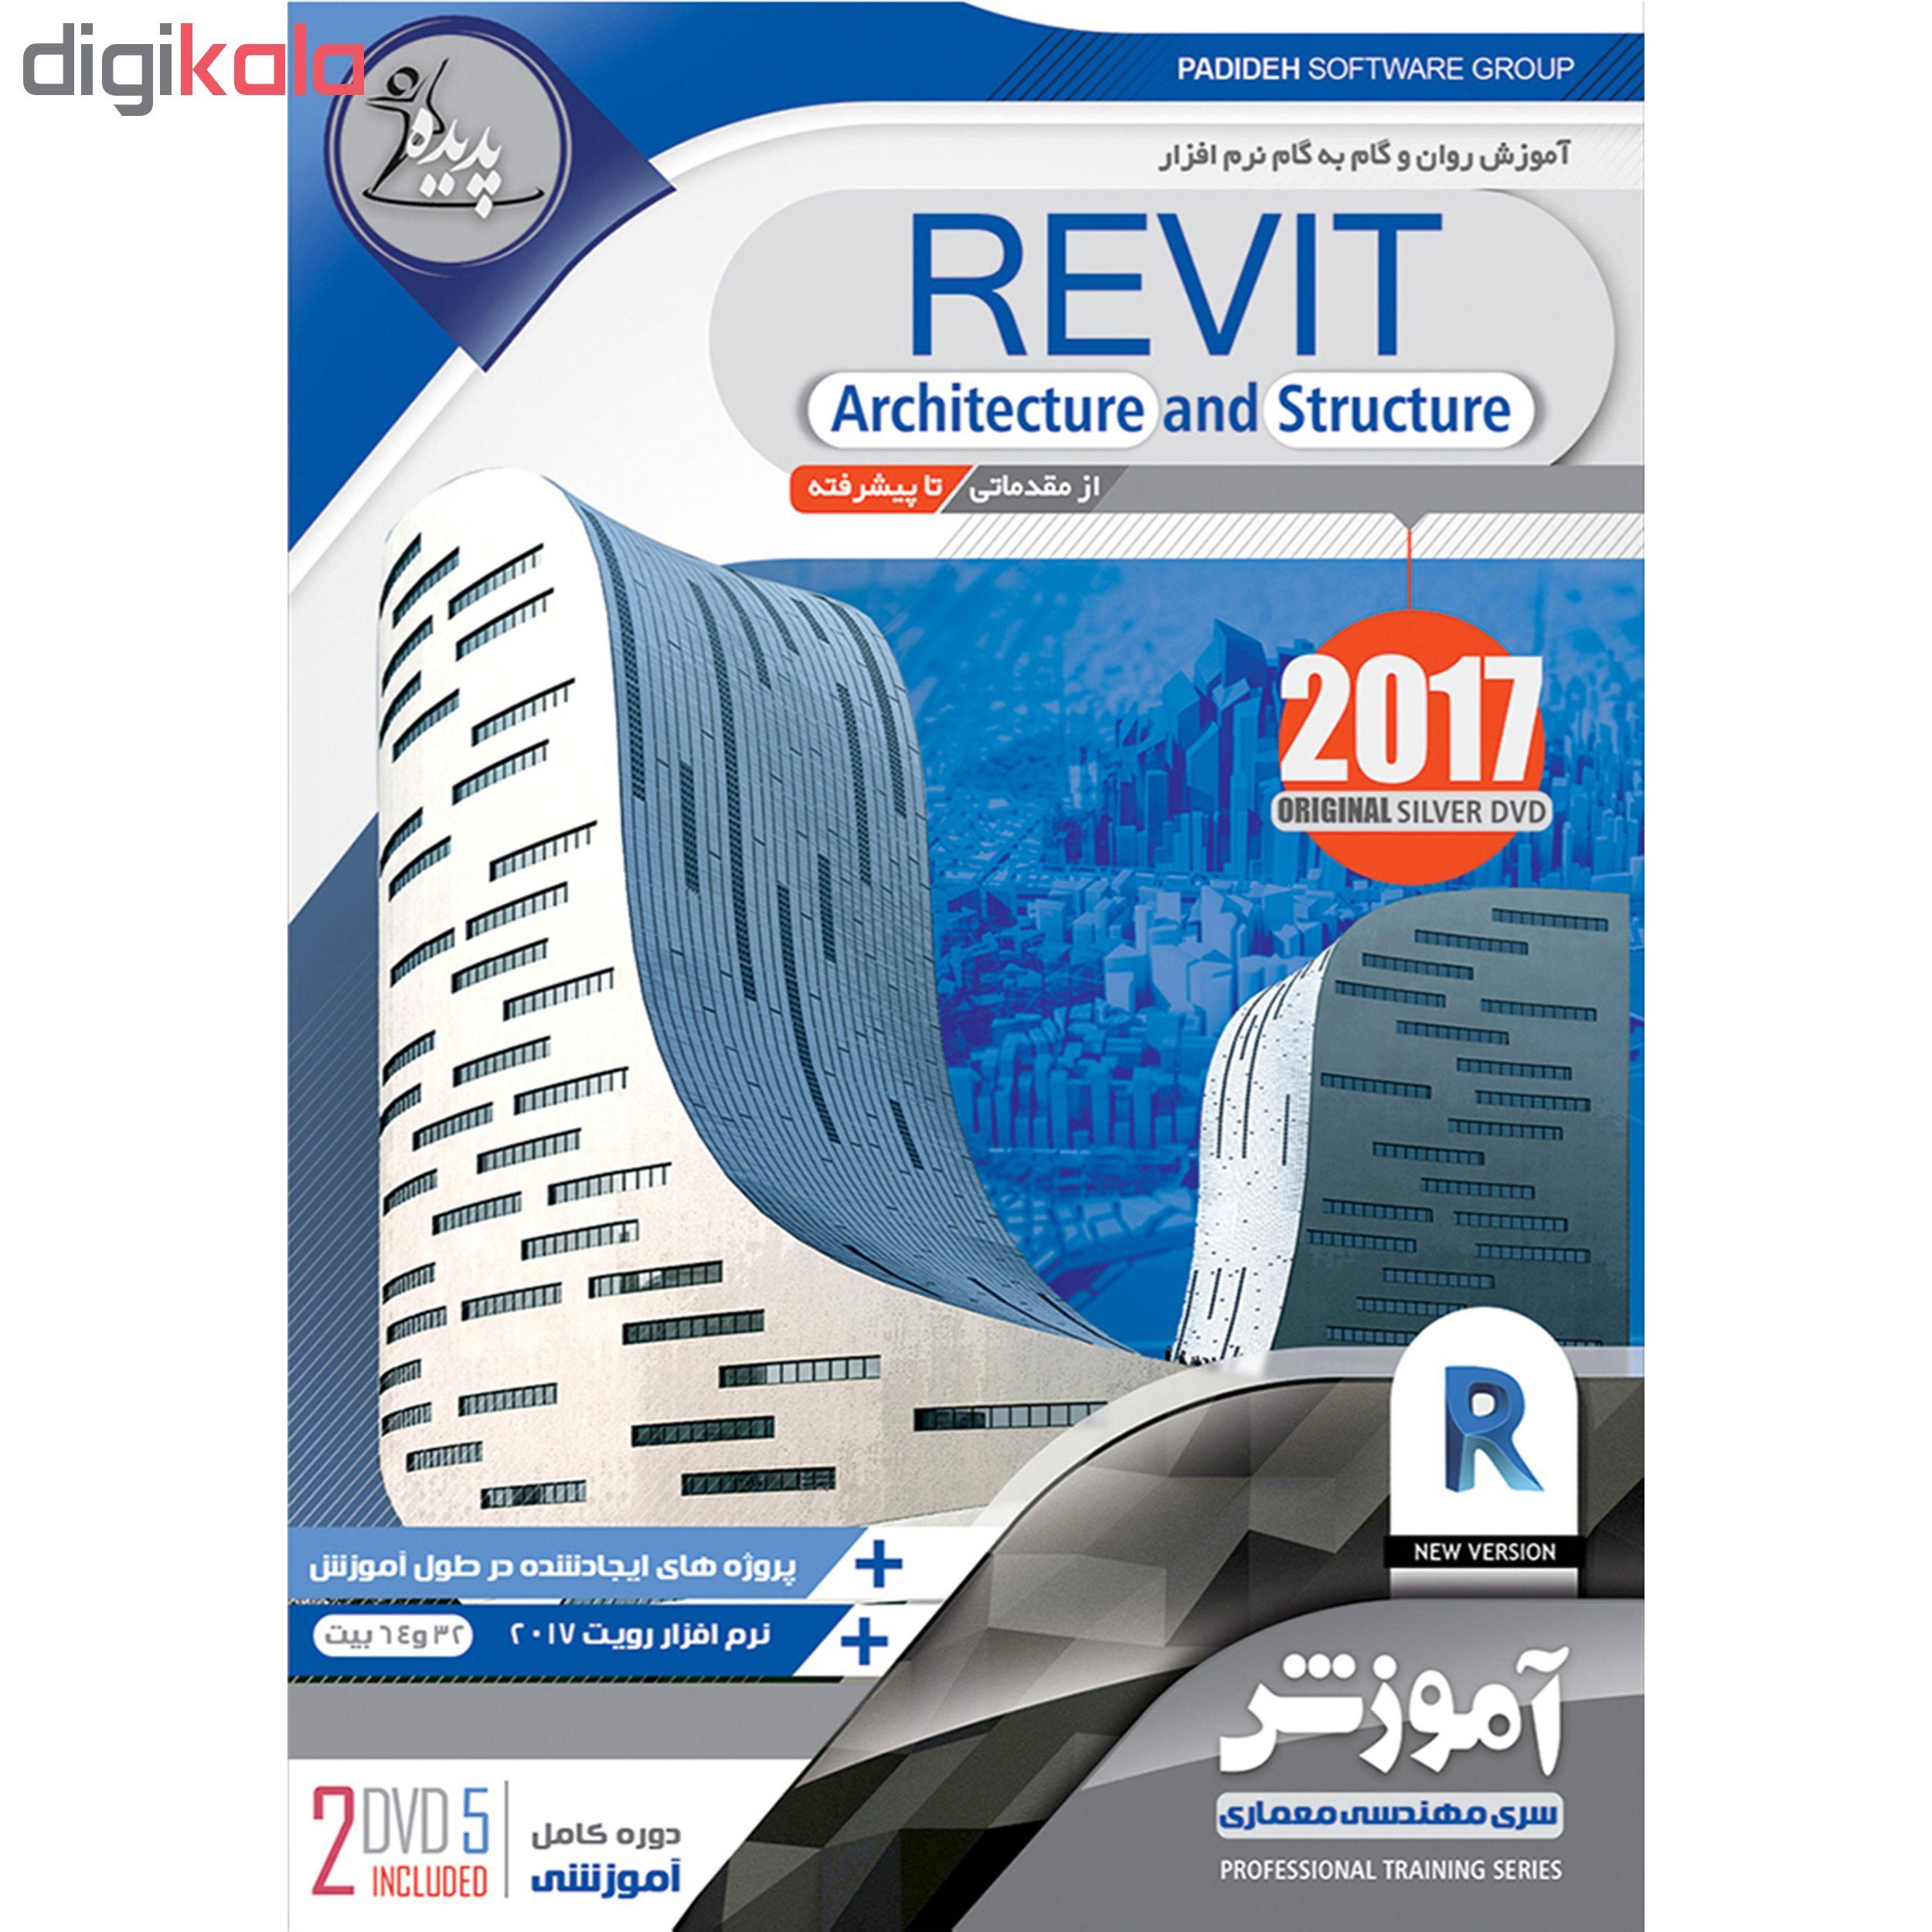 نرم افزار آموزش متره و برآورد نشر پدیده به همراه نرم افزار آموزش REVIT نشر پدیده